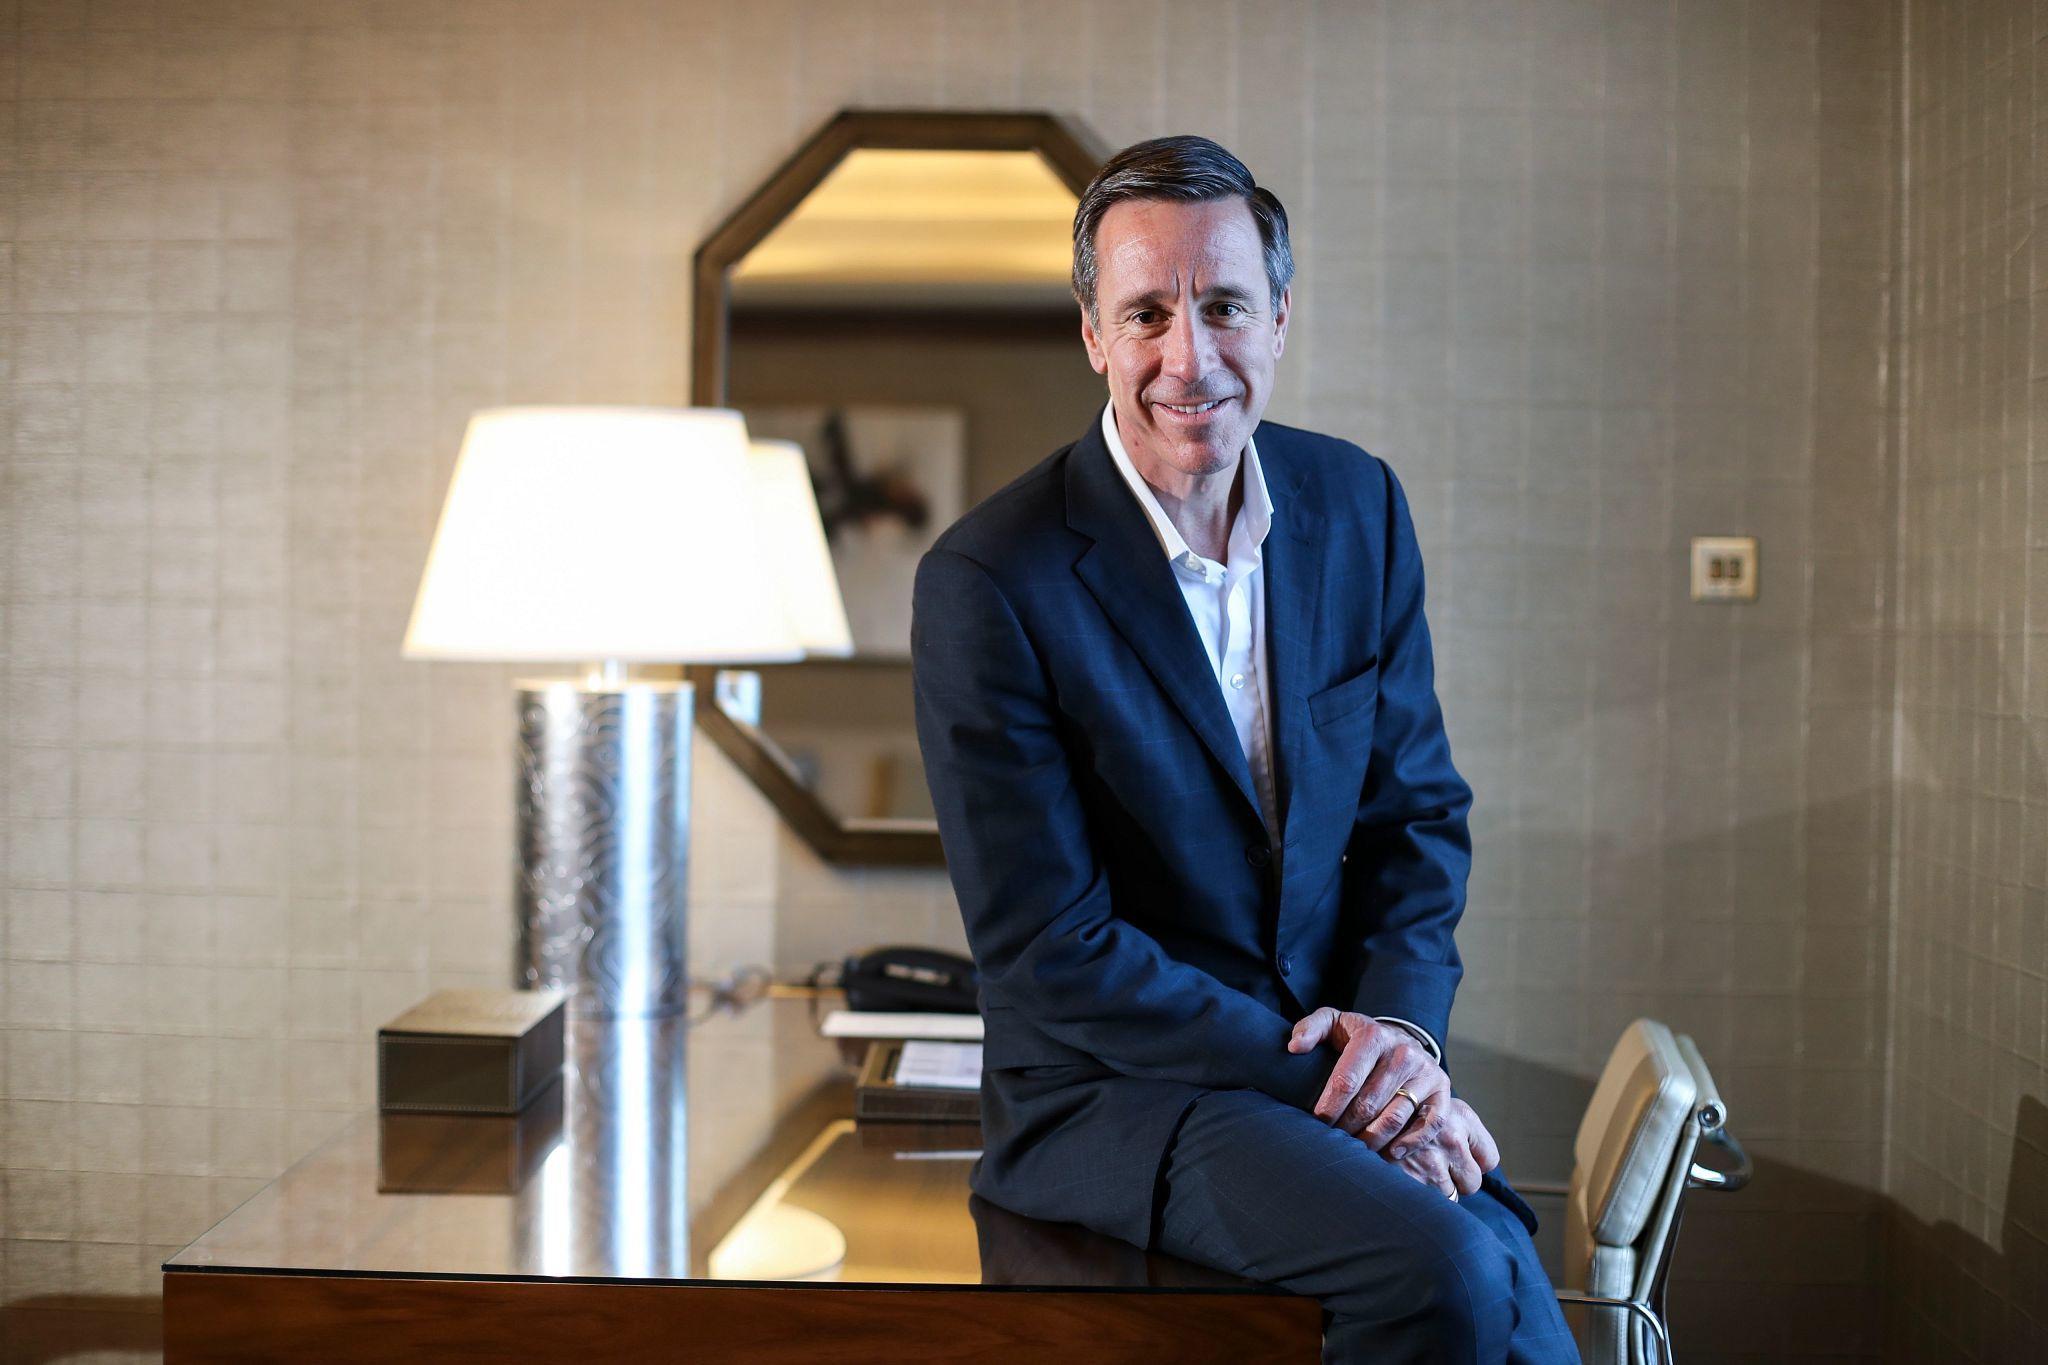 anyconv.com arne В памет на Арне Сьоренсън: Завещанието на един от най-великите лидери в историята на хотелиерската индустрия